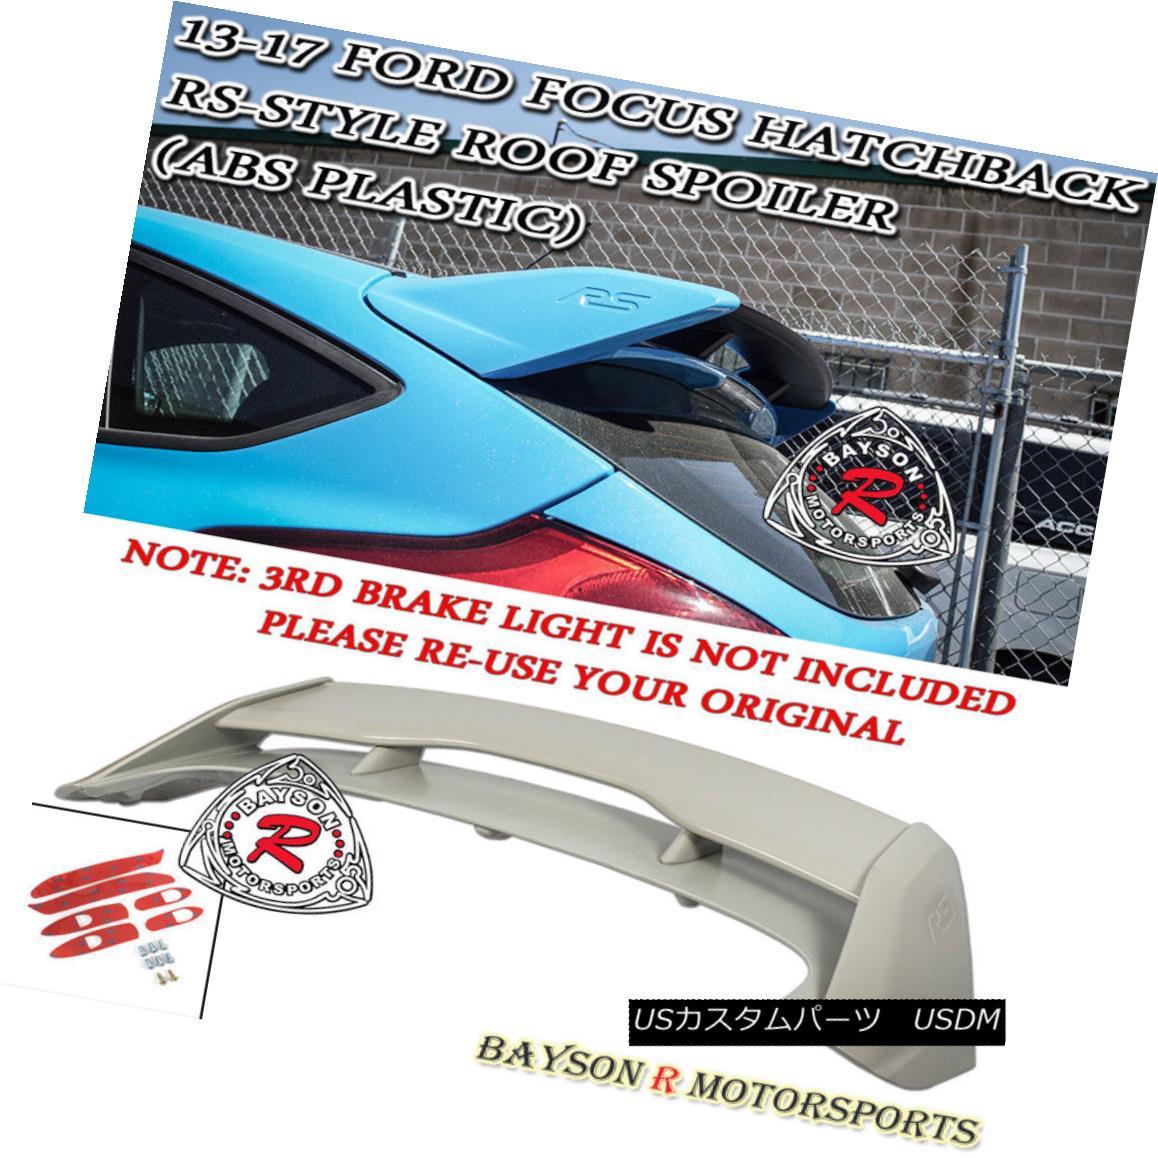 エアロパーツ RS-Style Rear Roof Spoiler Wing (ABS) Fits 12-18 Ford Focus Hatchback RS-スタイルリア・ルーフ・スポイラー・ウィング(ABS)12-18 Ford Focus Hatchbackに適合